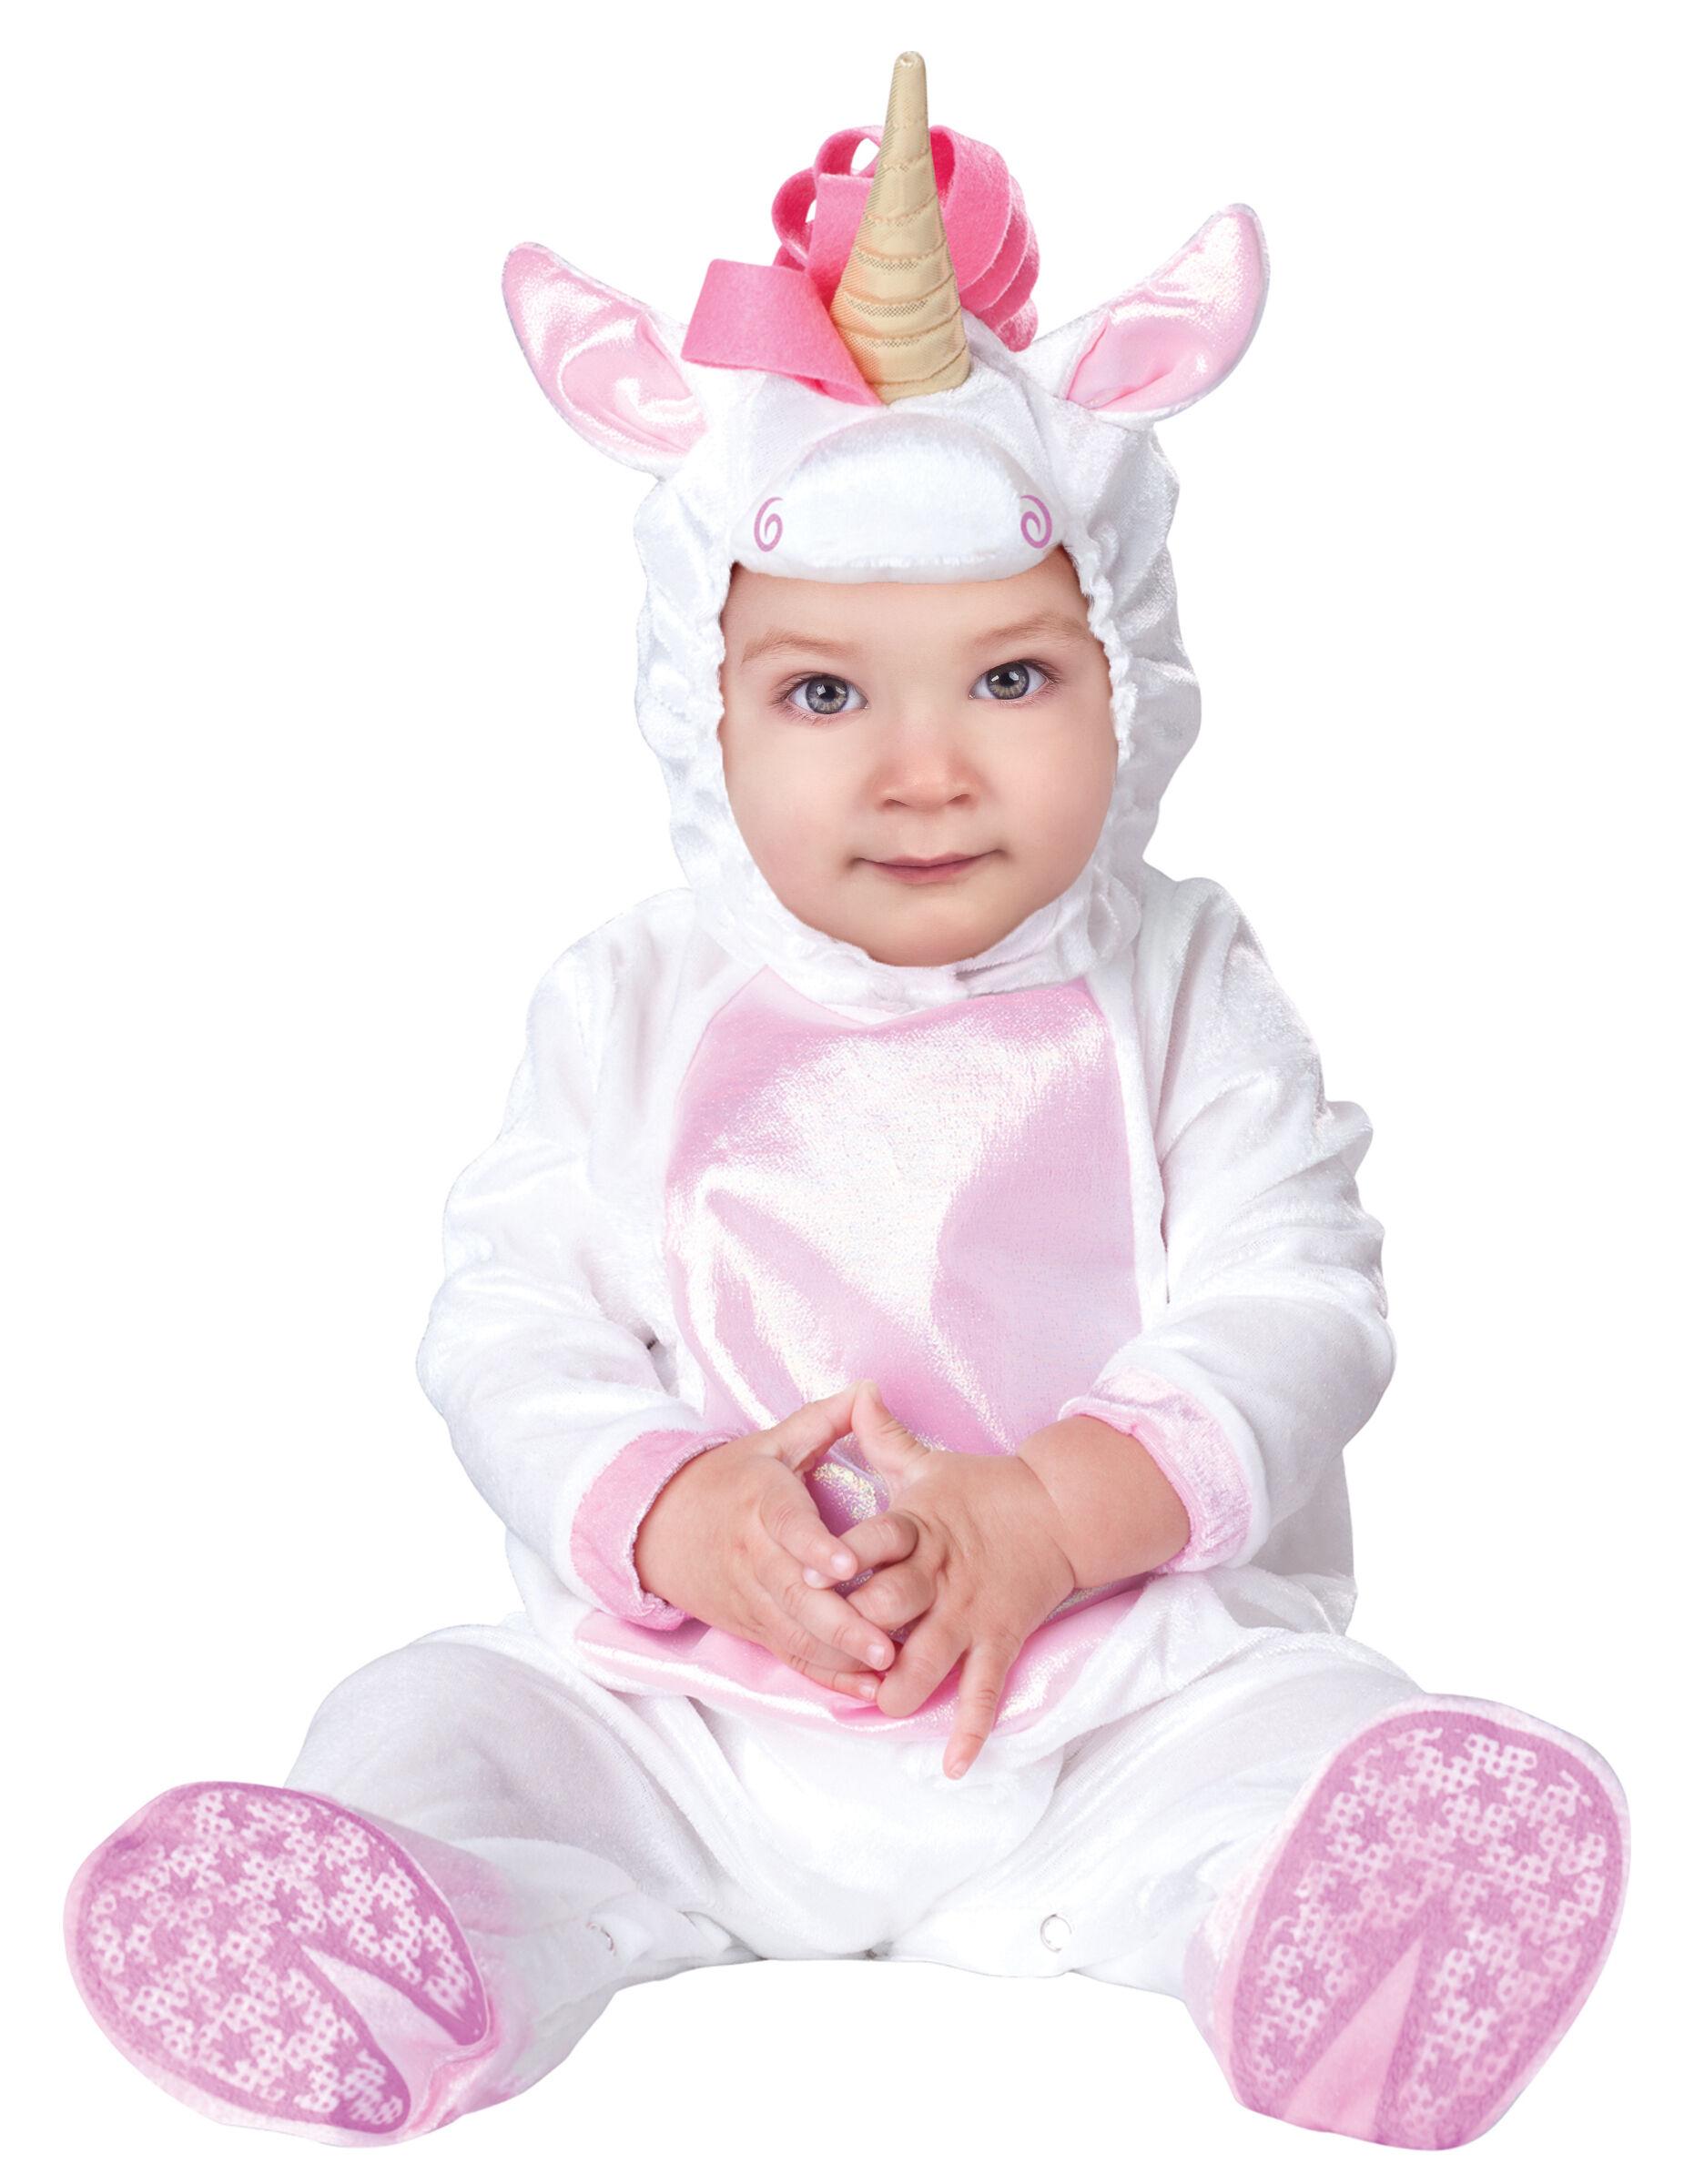 Deguisetoi Déguisement licorne pour bébé - Classique - Taille: 12-18 mois (74-81 cm)